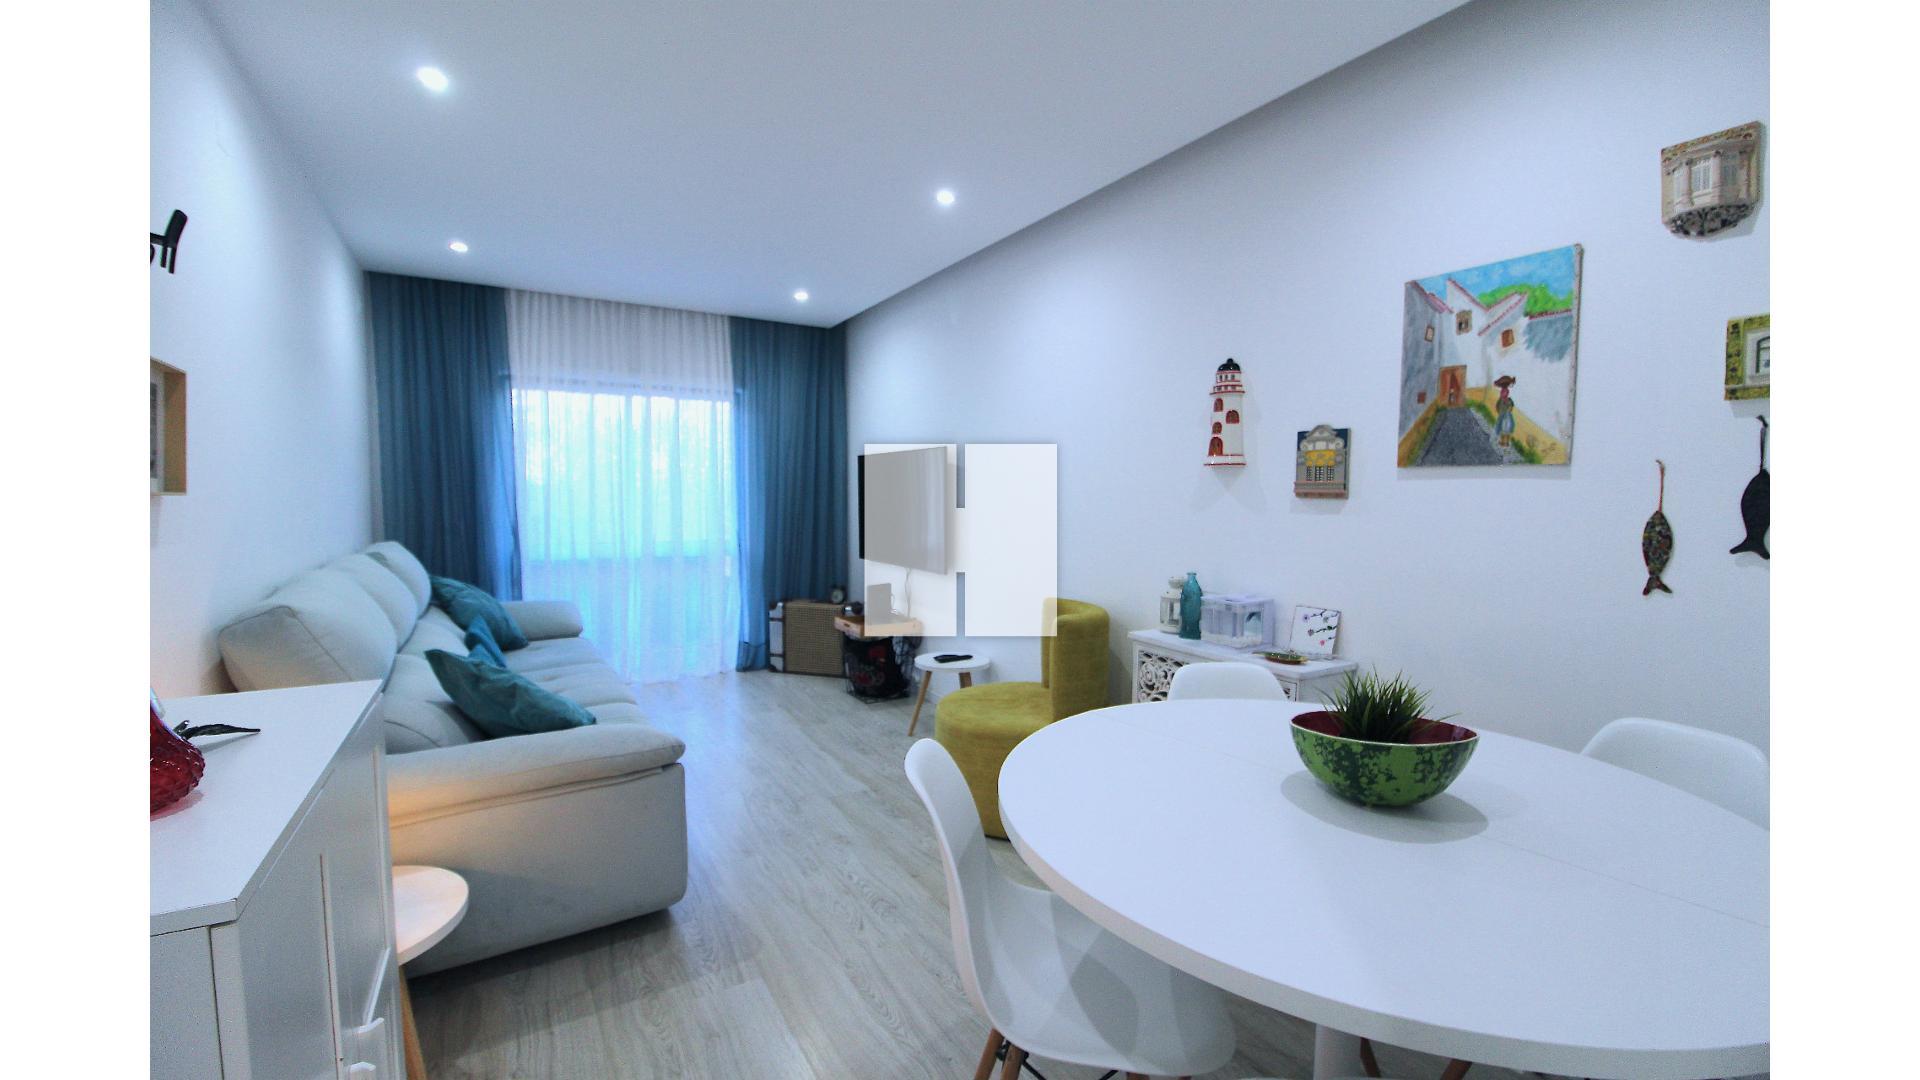 Apartamento T2 c/ Vistas de Mar figueira da foz, Buarcos e Sao Juliao